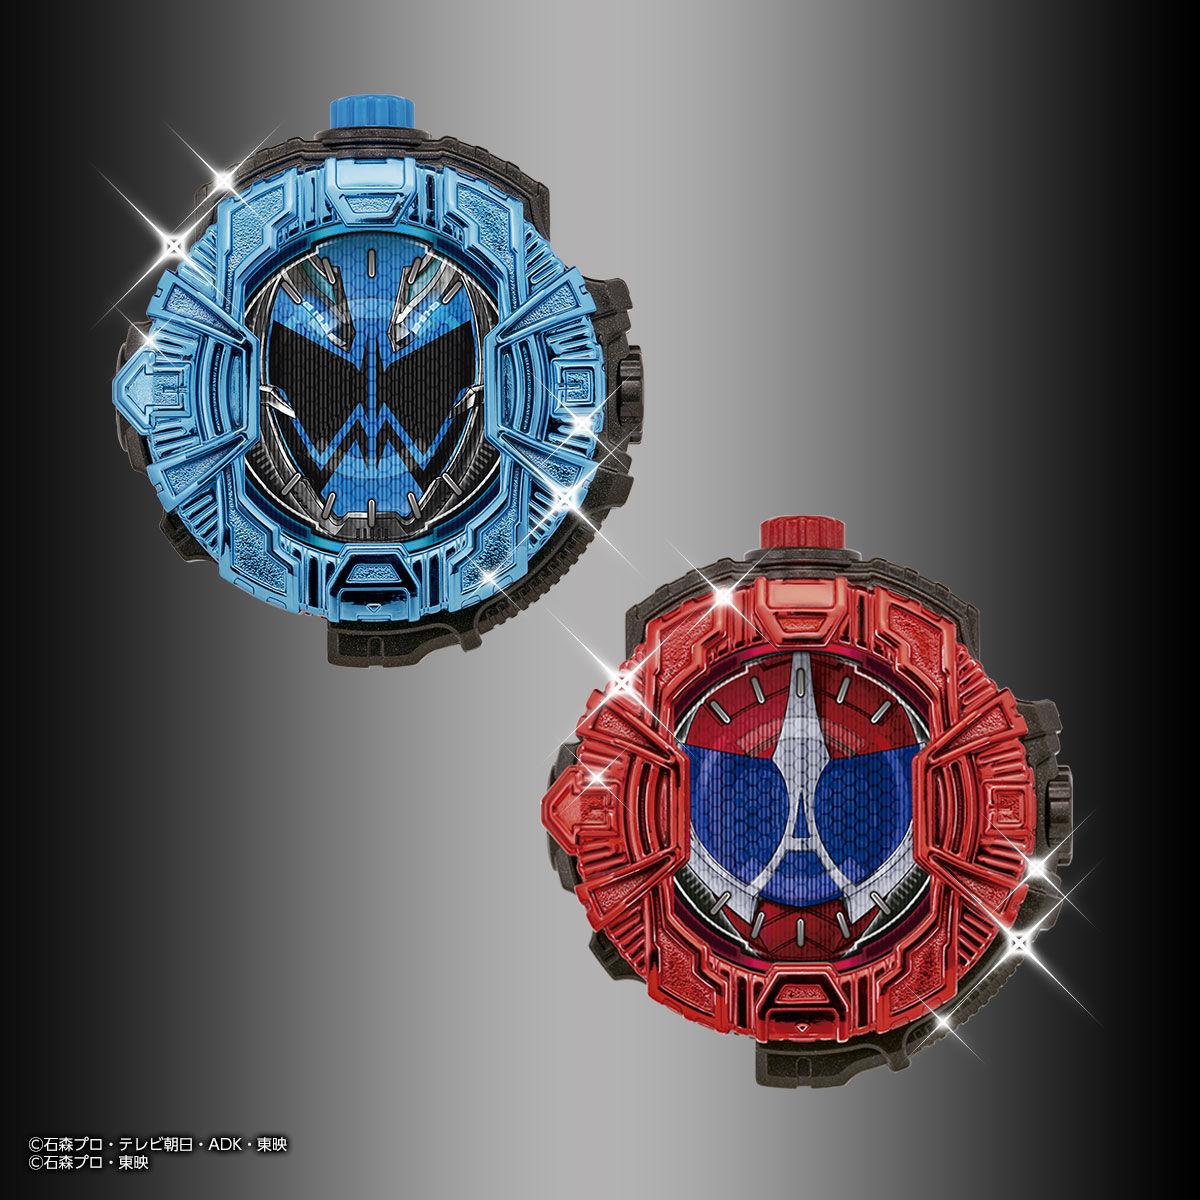 仮面ライダージオウ サウンドライドウォッチシリーズ『GPライドウォッチPB01』ガシャポン-003